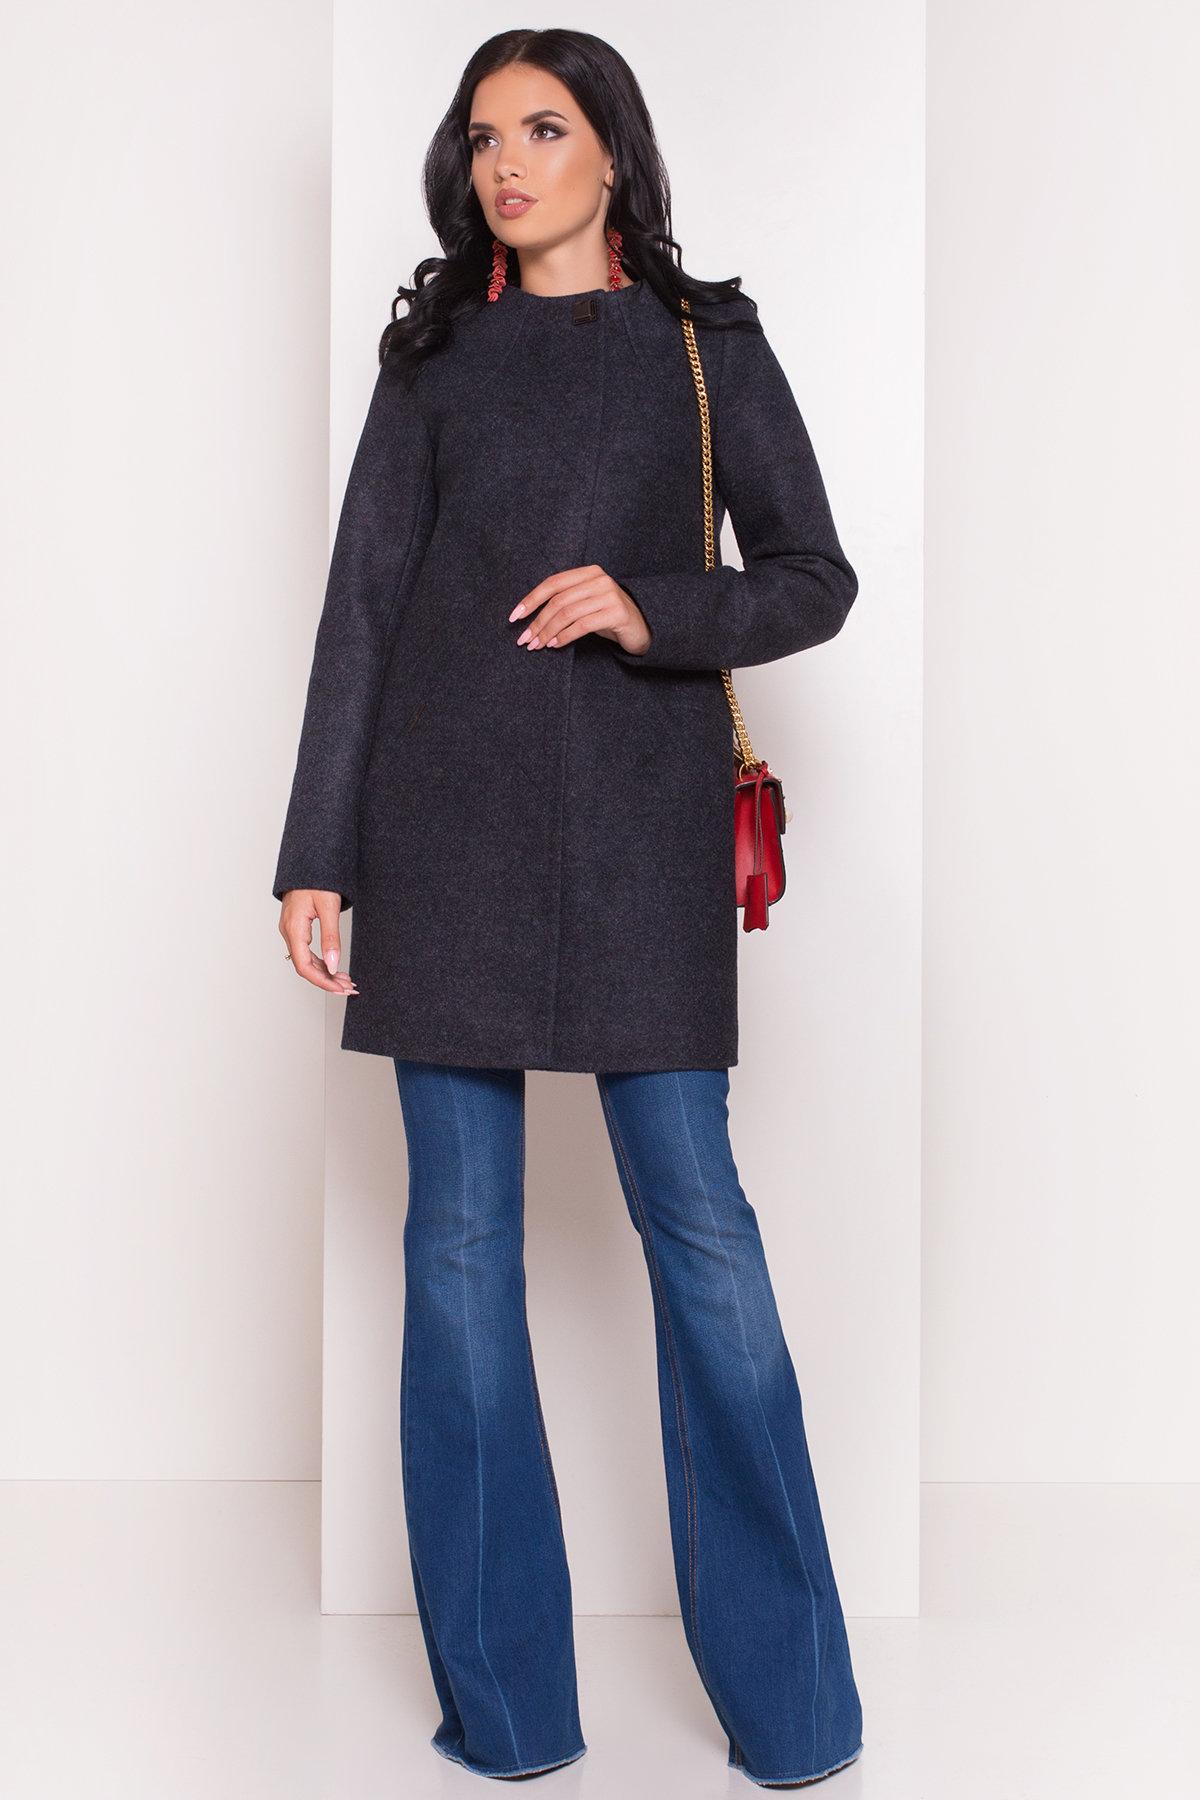 Модные женские пальто от Modus Пальто Шаника 5379